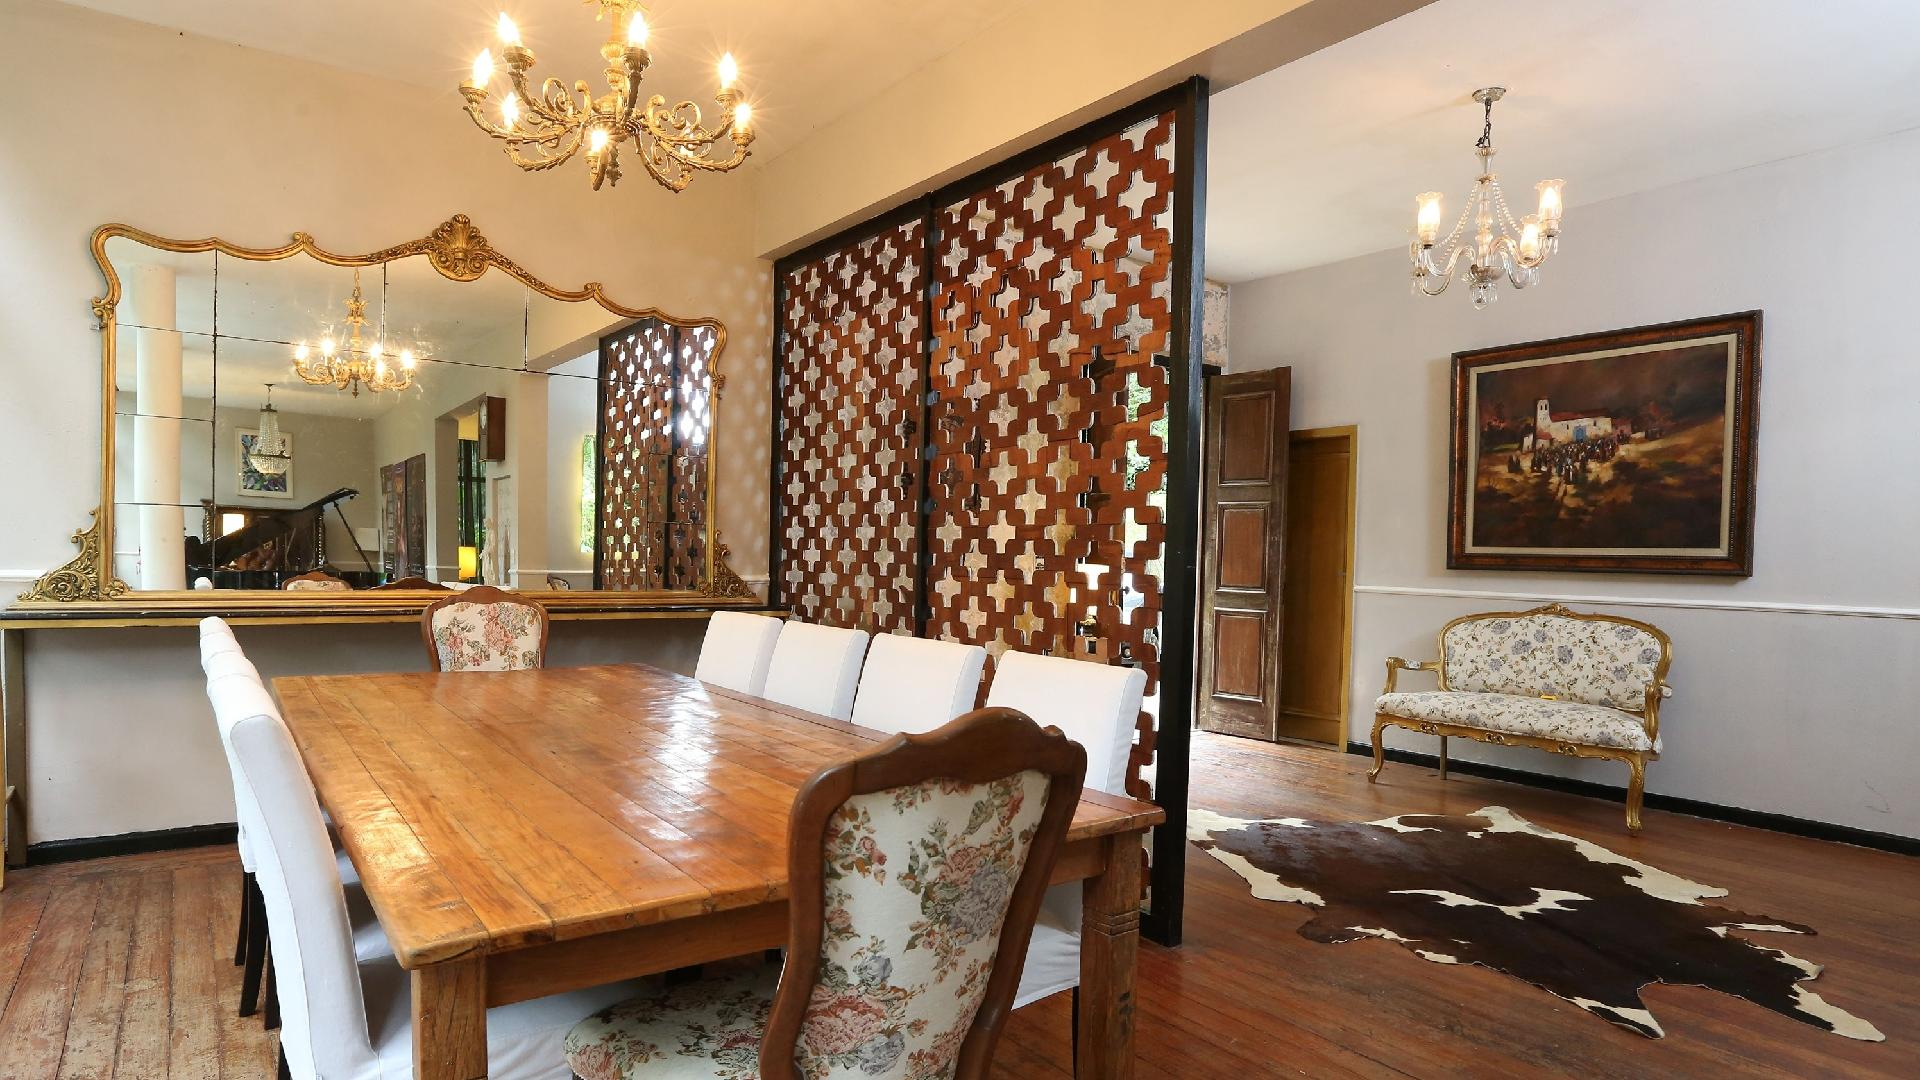 Quando Igor Rickli e Aline Wirley se aventuraram na reforma da casa no Rio de Janeiro, a residência estava sem porta e não tinha fornecimento de luz ou água. Foram meses para deixar o espaço com cara de